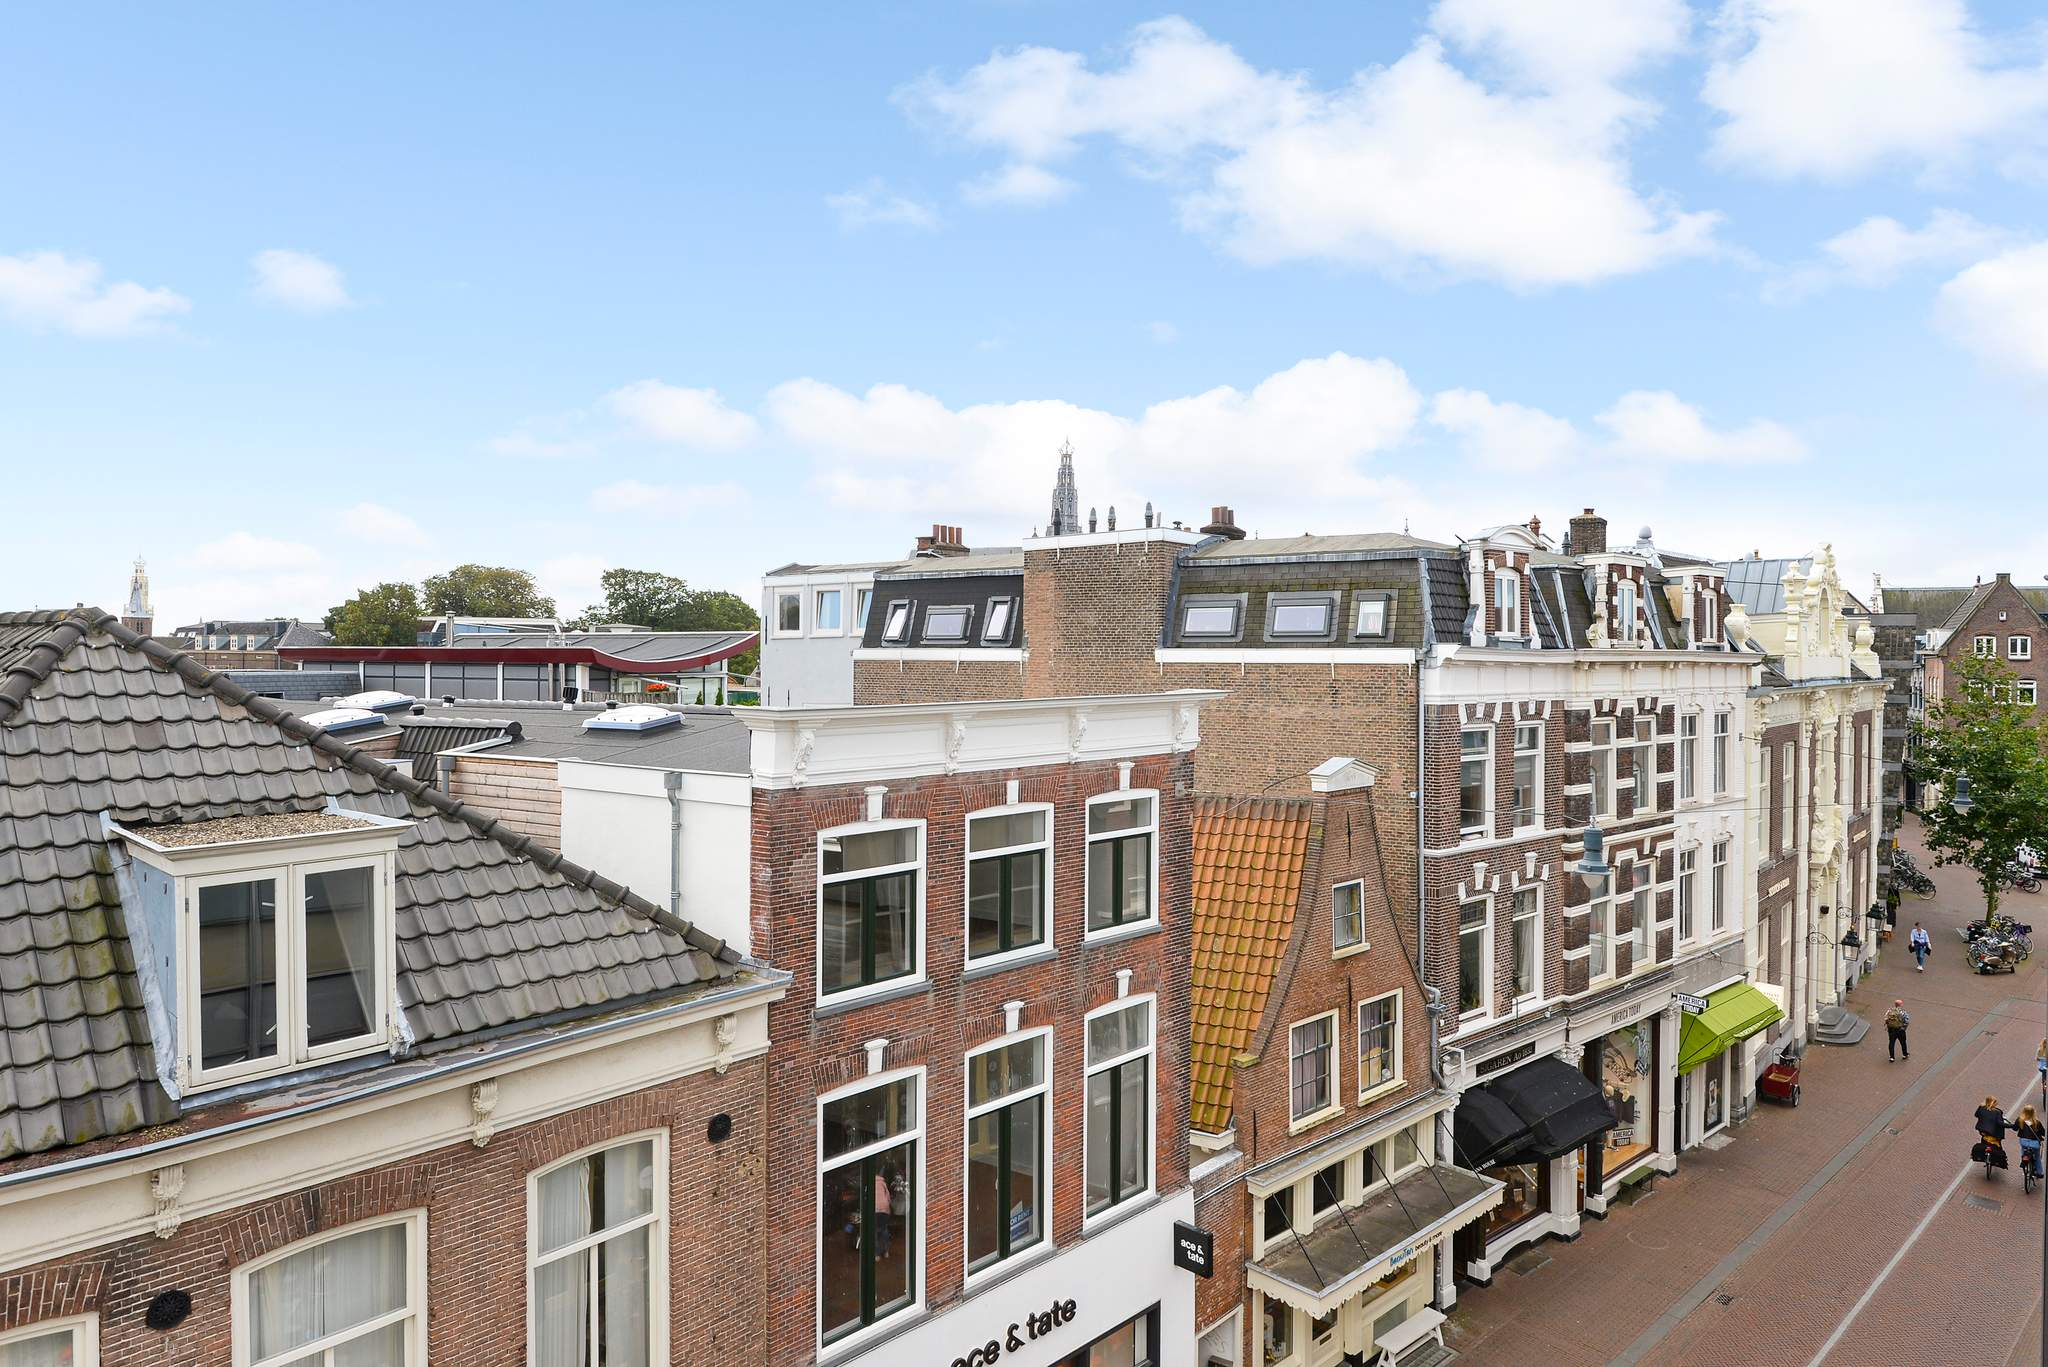 Kruisstraat 28RD, Haarlem Haarlem